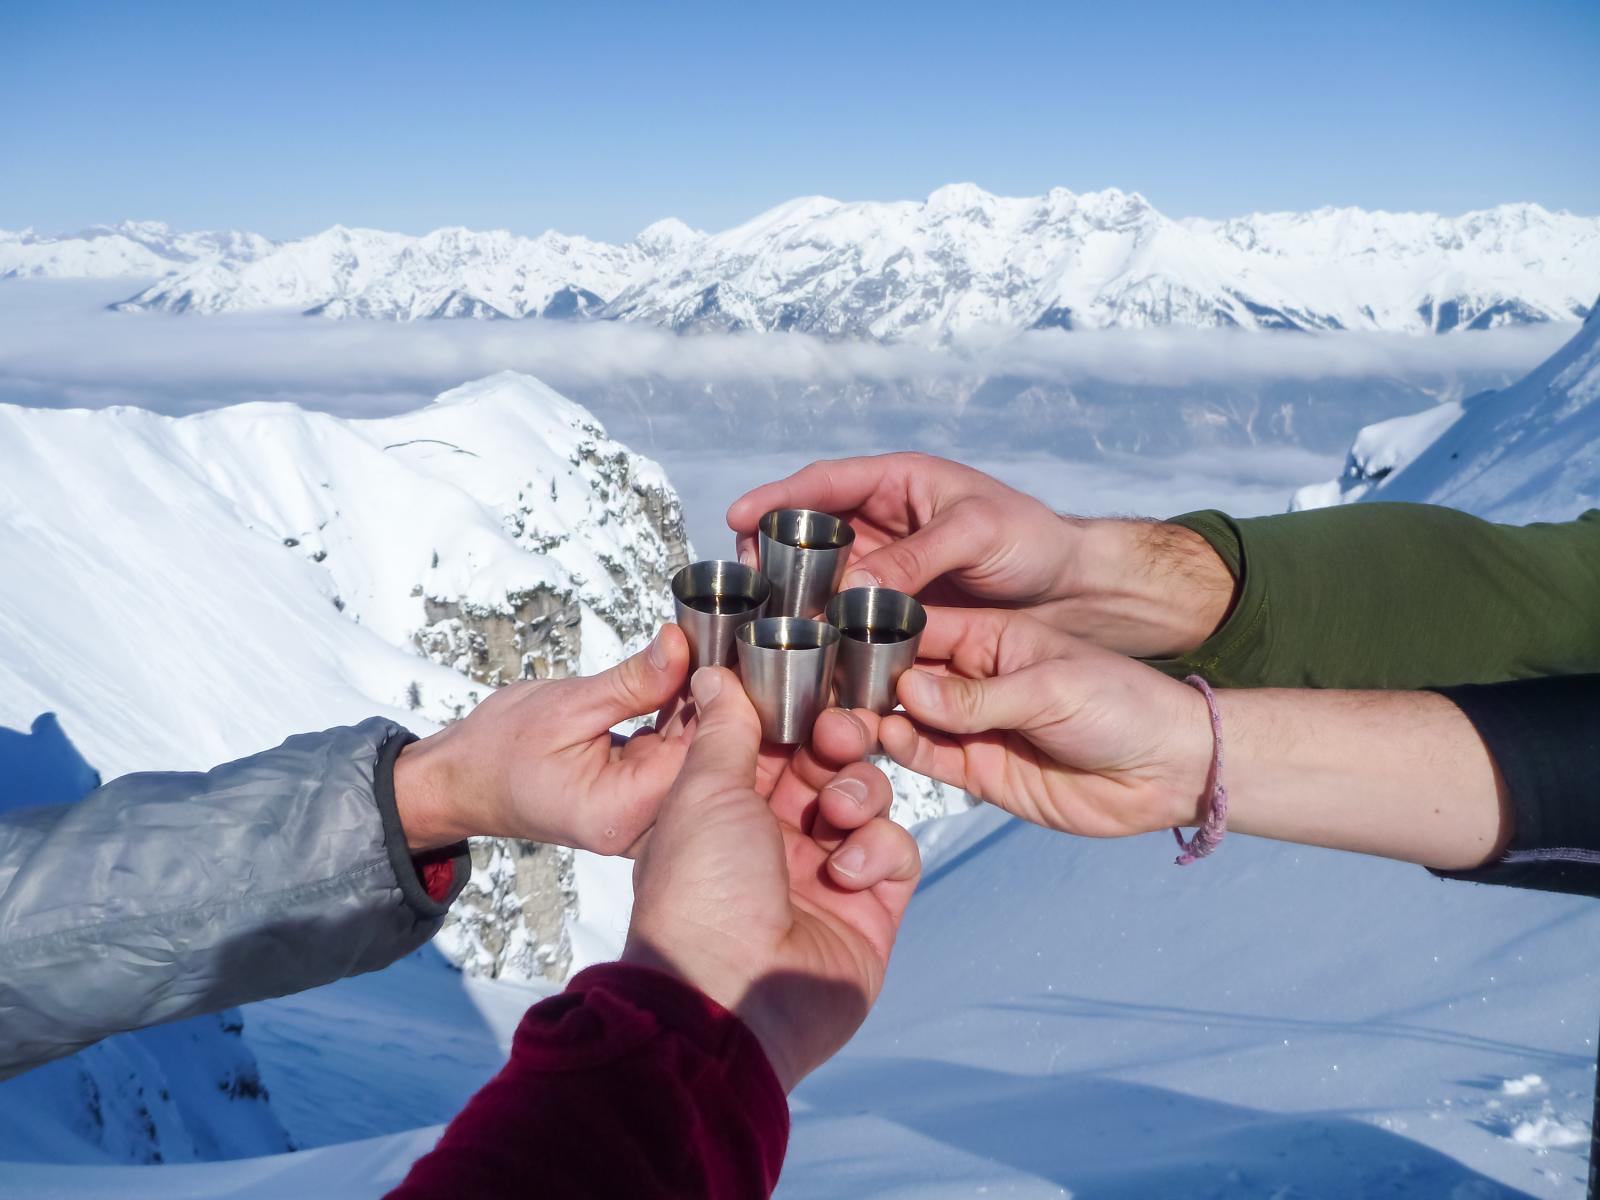 Dit zijn de 10 lekkerste alcoholische wintersportdranken voor op de piste